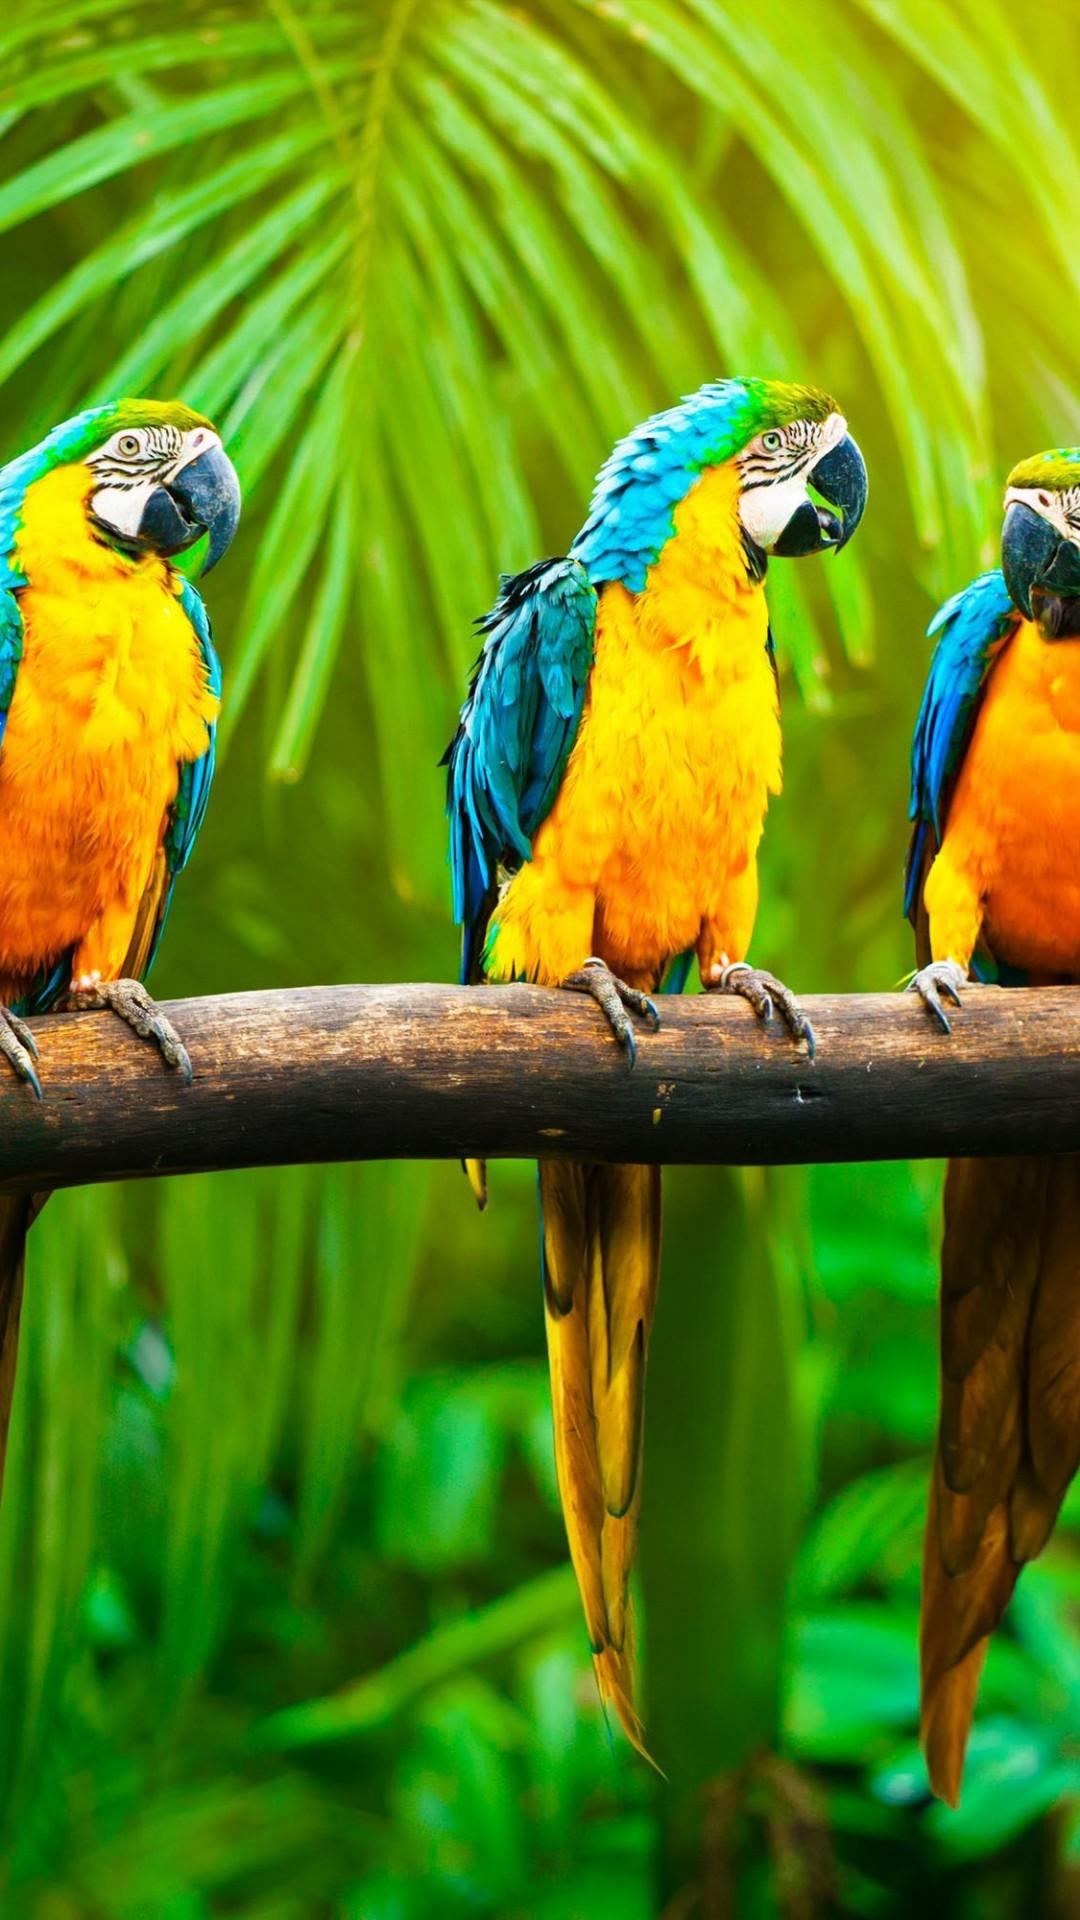 Wallpaper Macaw Parrot Tropics Animals 4566